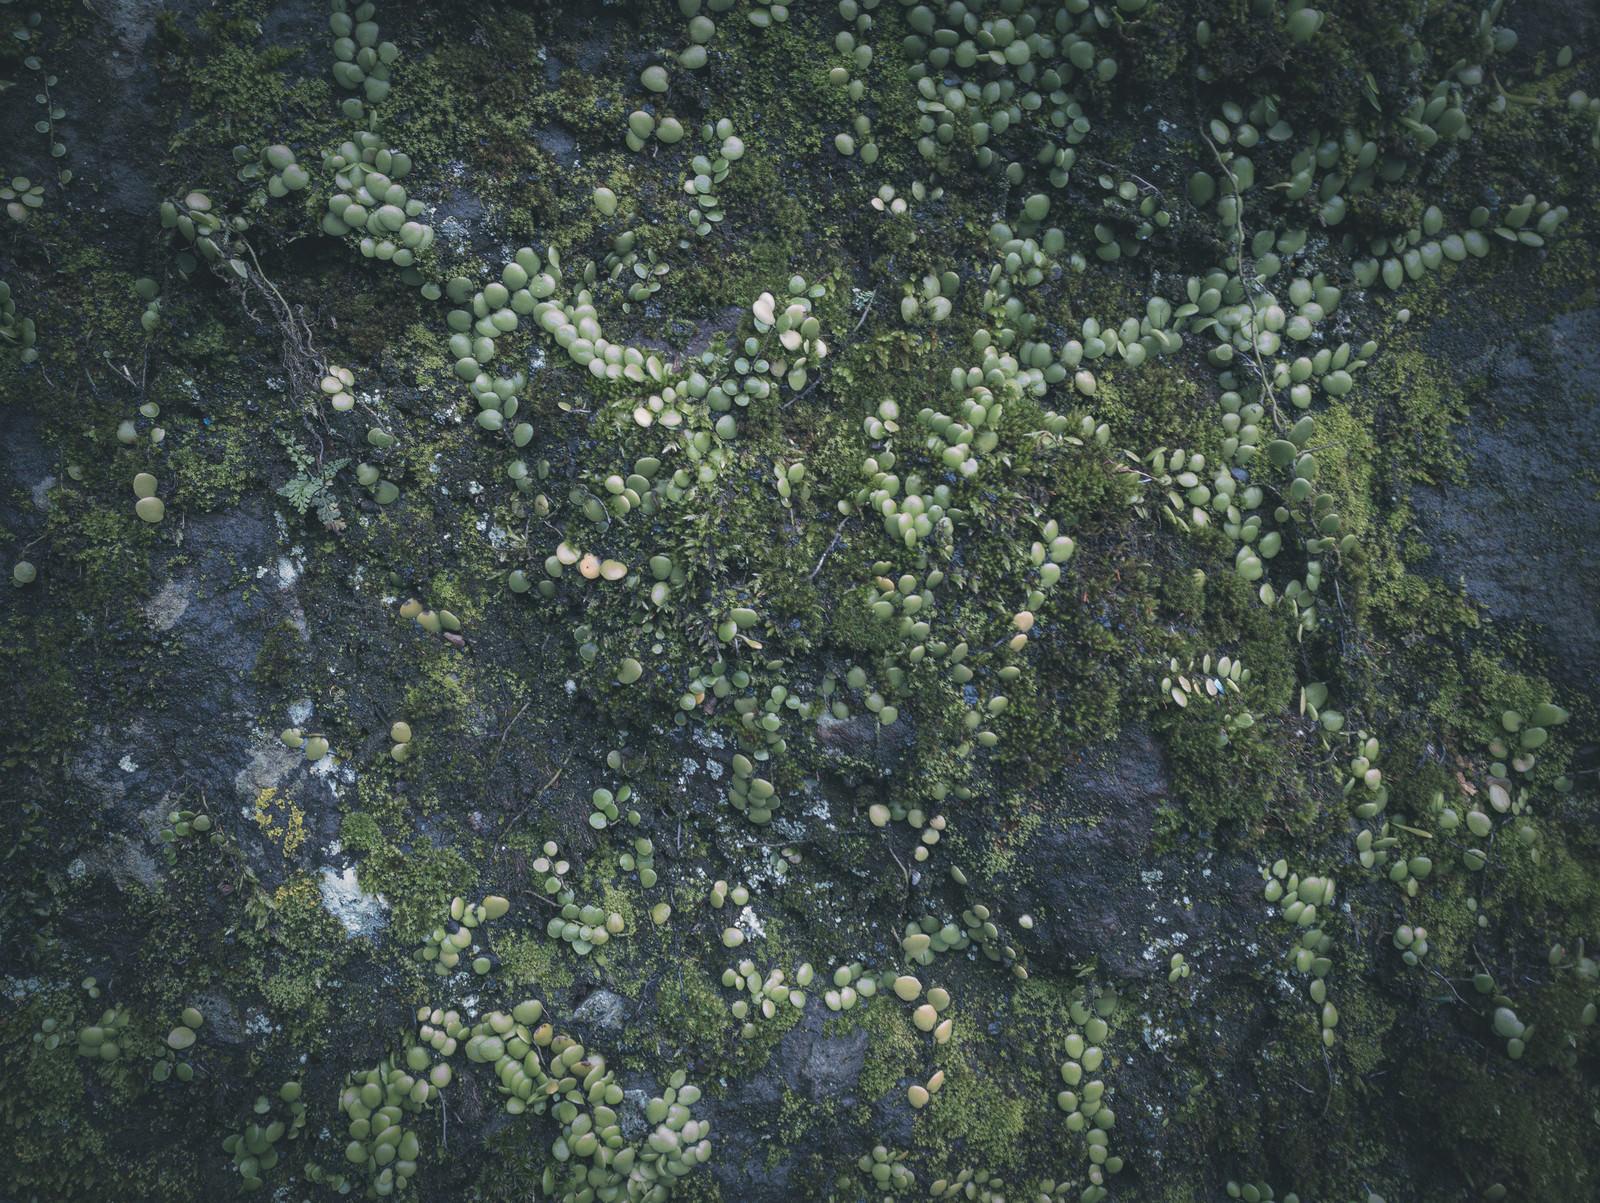 「石壁に繁殖する苔(テクスチャ)」の写真